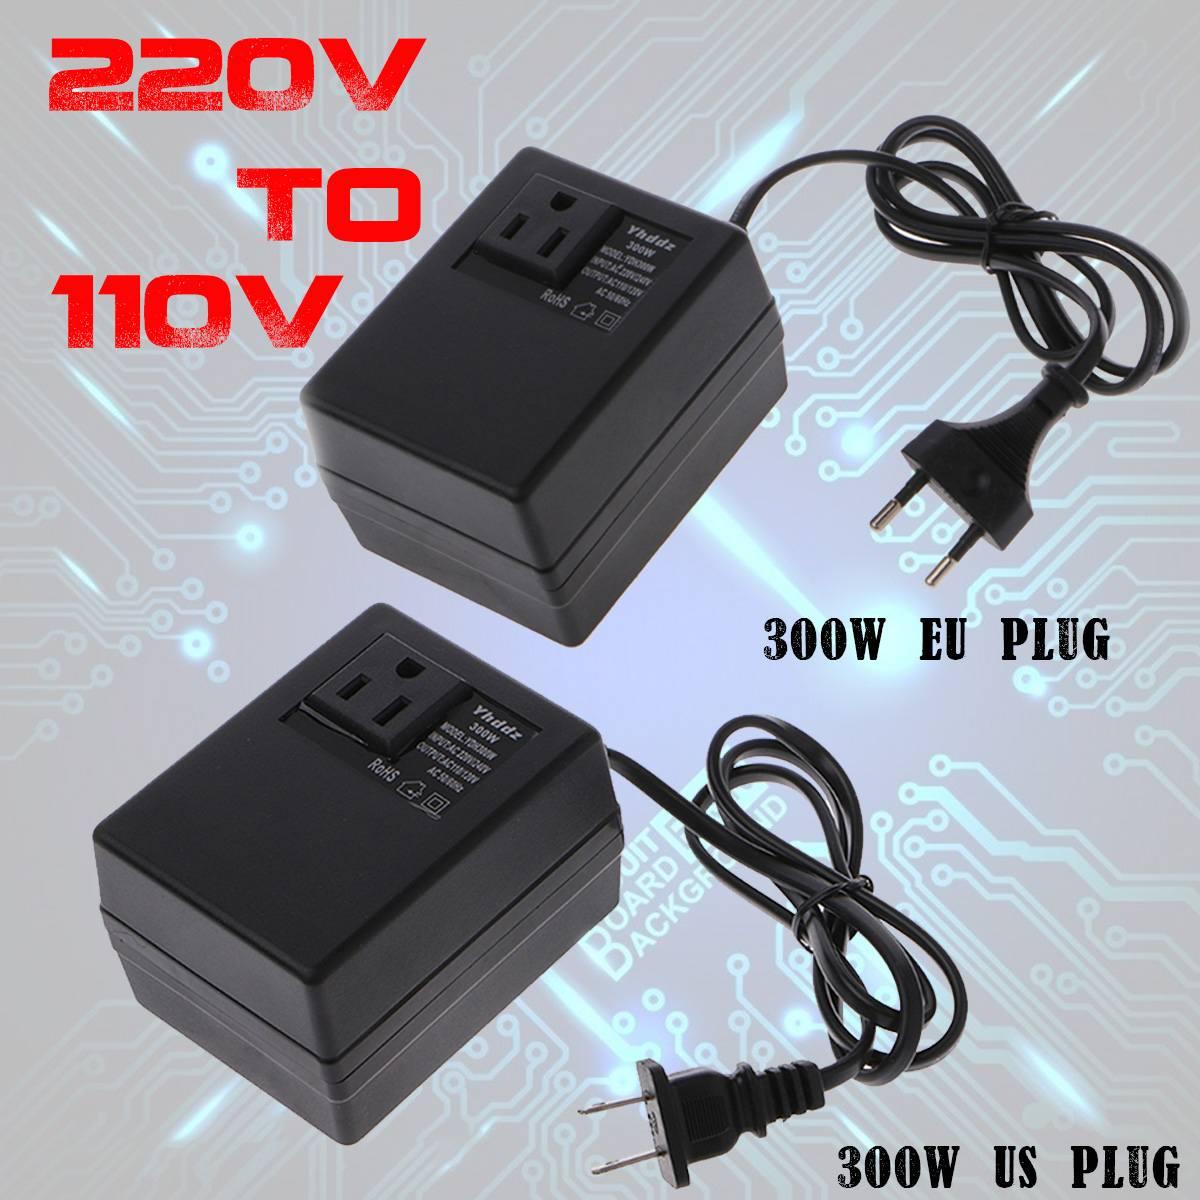 Transformateur de convertisseur de tension 300 W abaisseur 220 V à 110 V AC convertisseur de transformateur de tension de voyage abaisseur